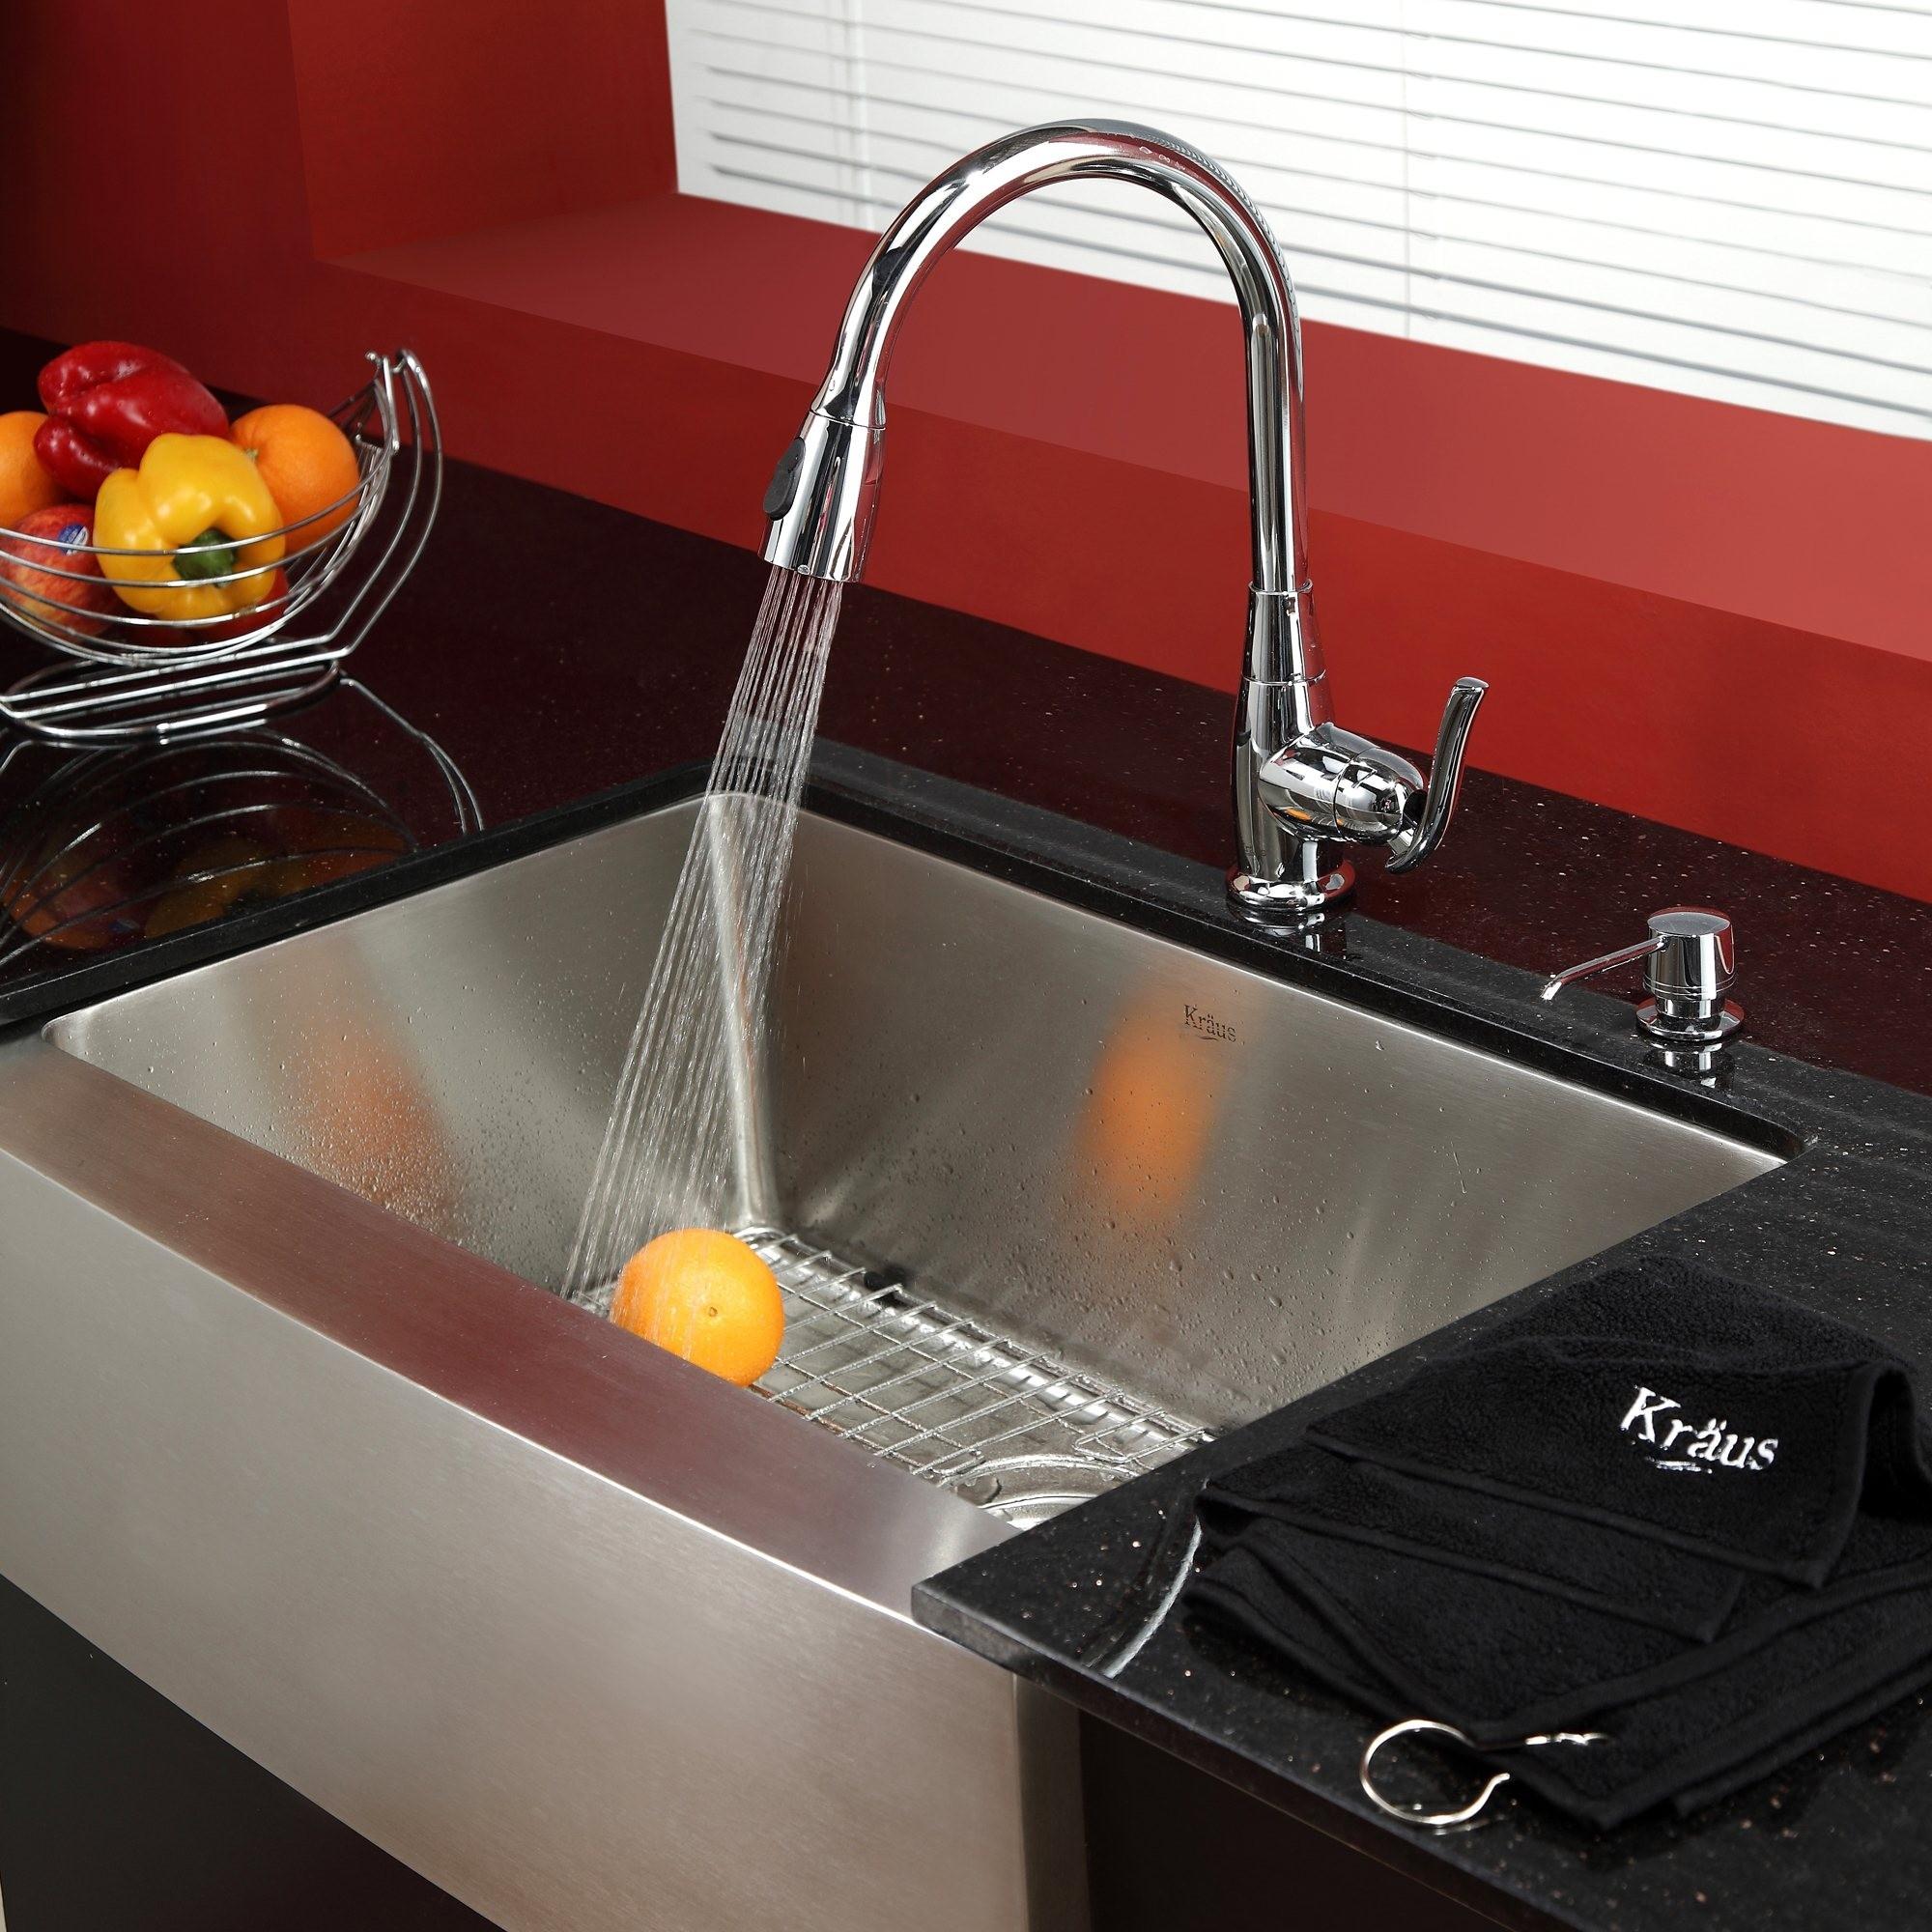 Ideas, red kitchen sink faucets red kitchen sink faucets stainless steel kitchen sink combination kraususa 2000 x 2000 1  .